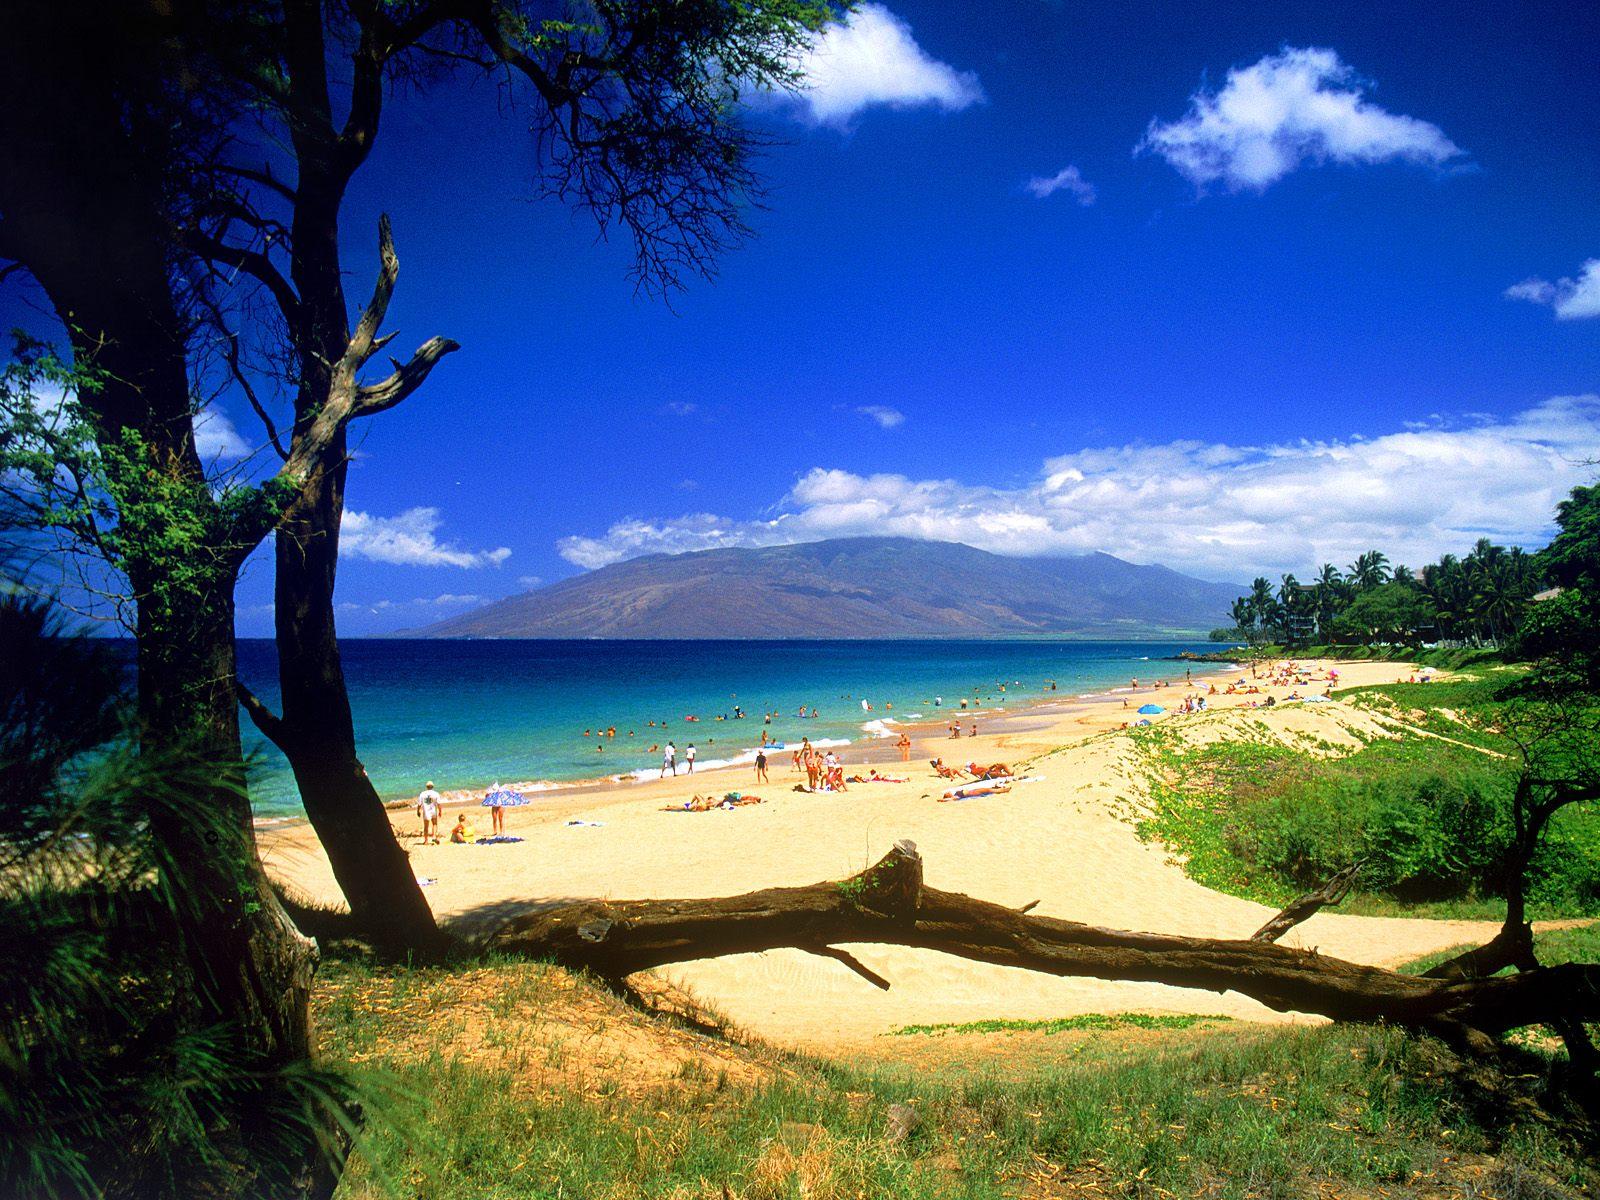 Maui pic images 15